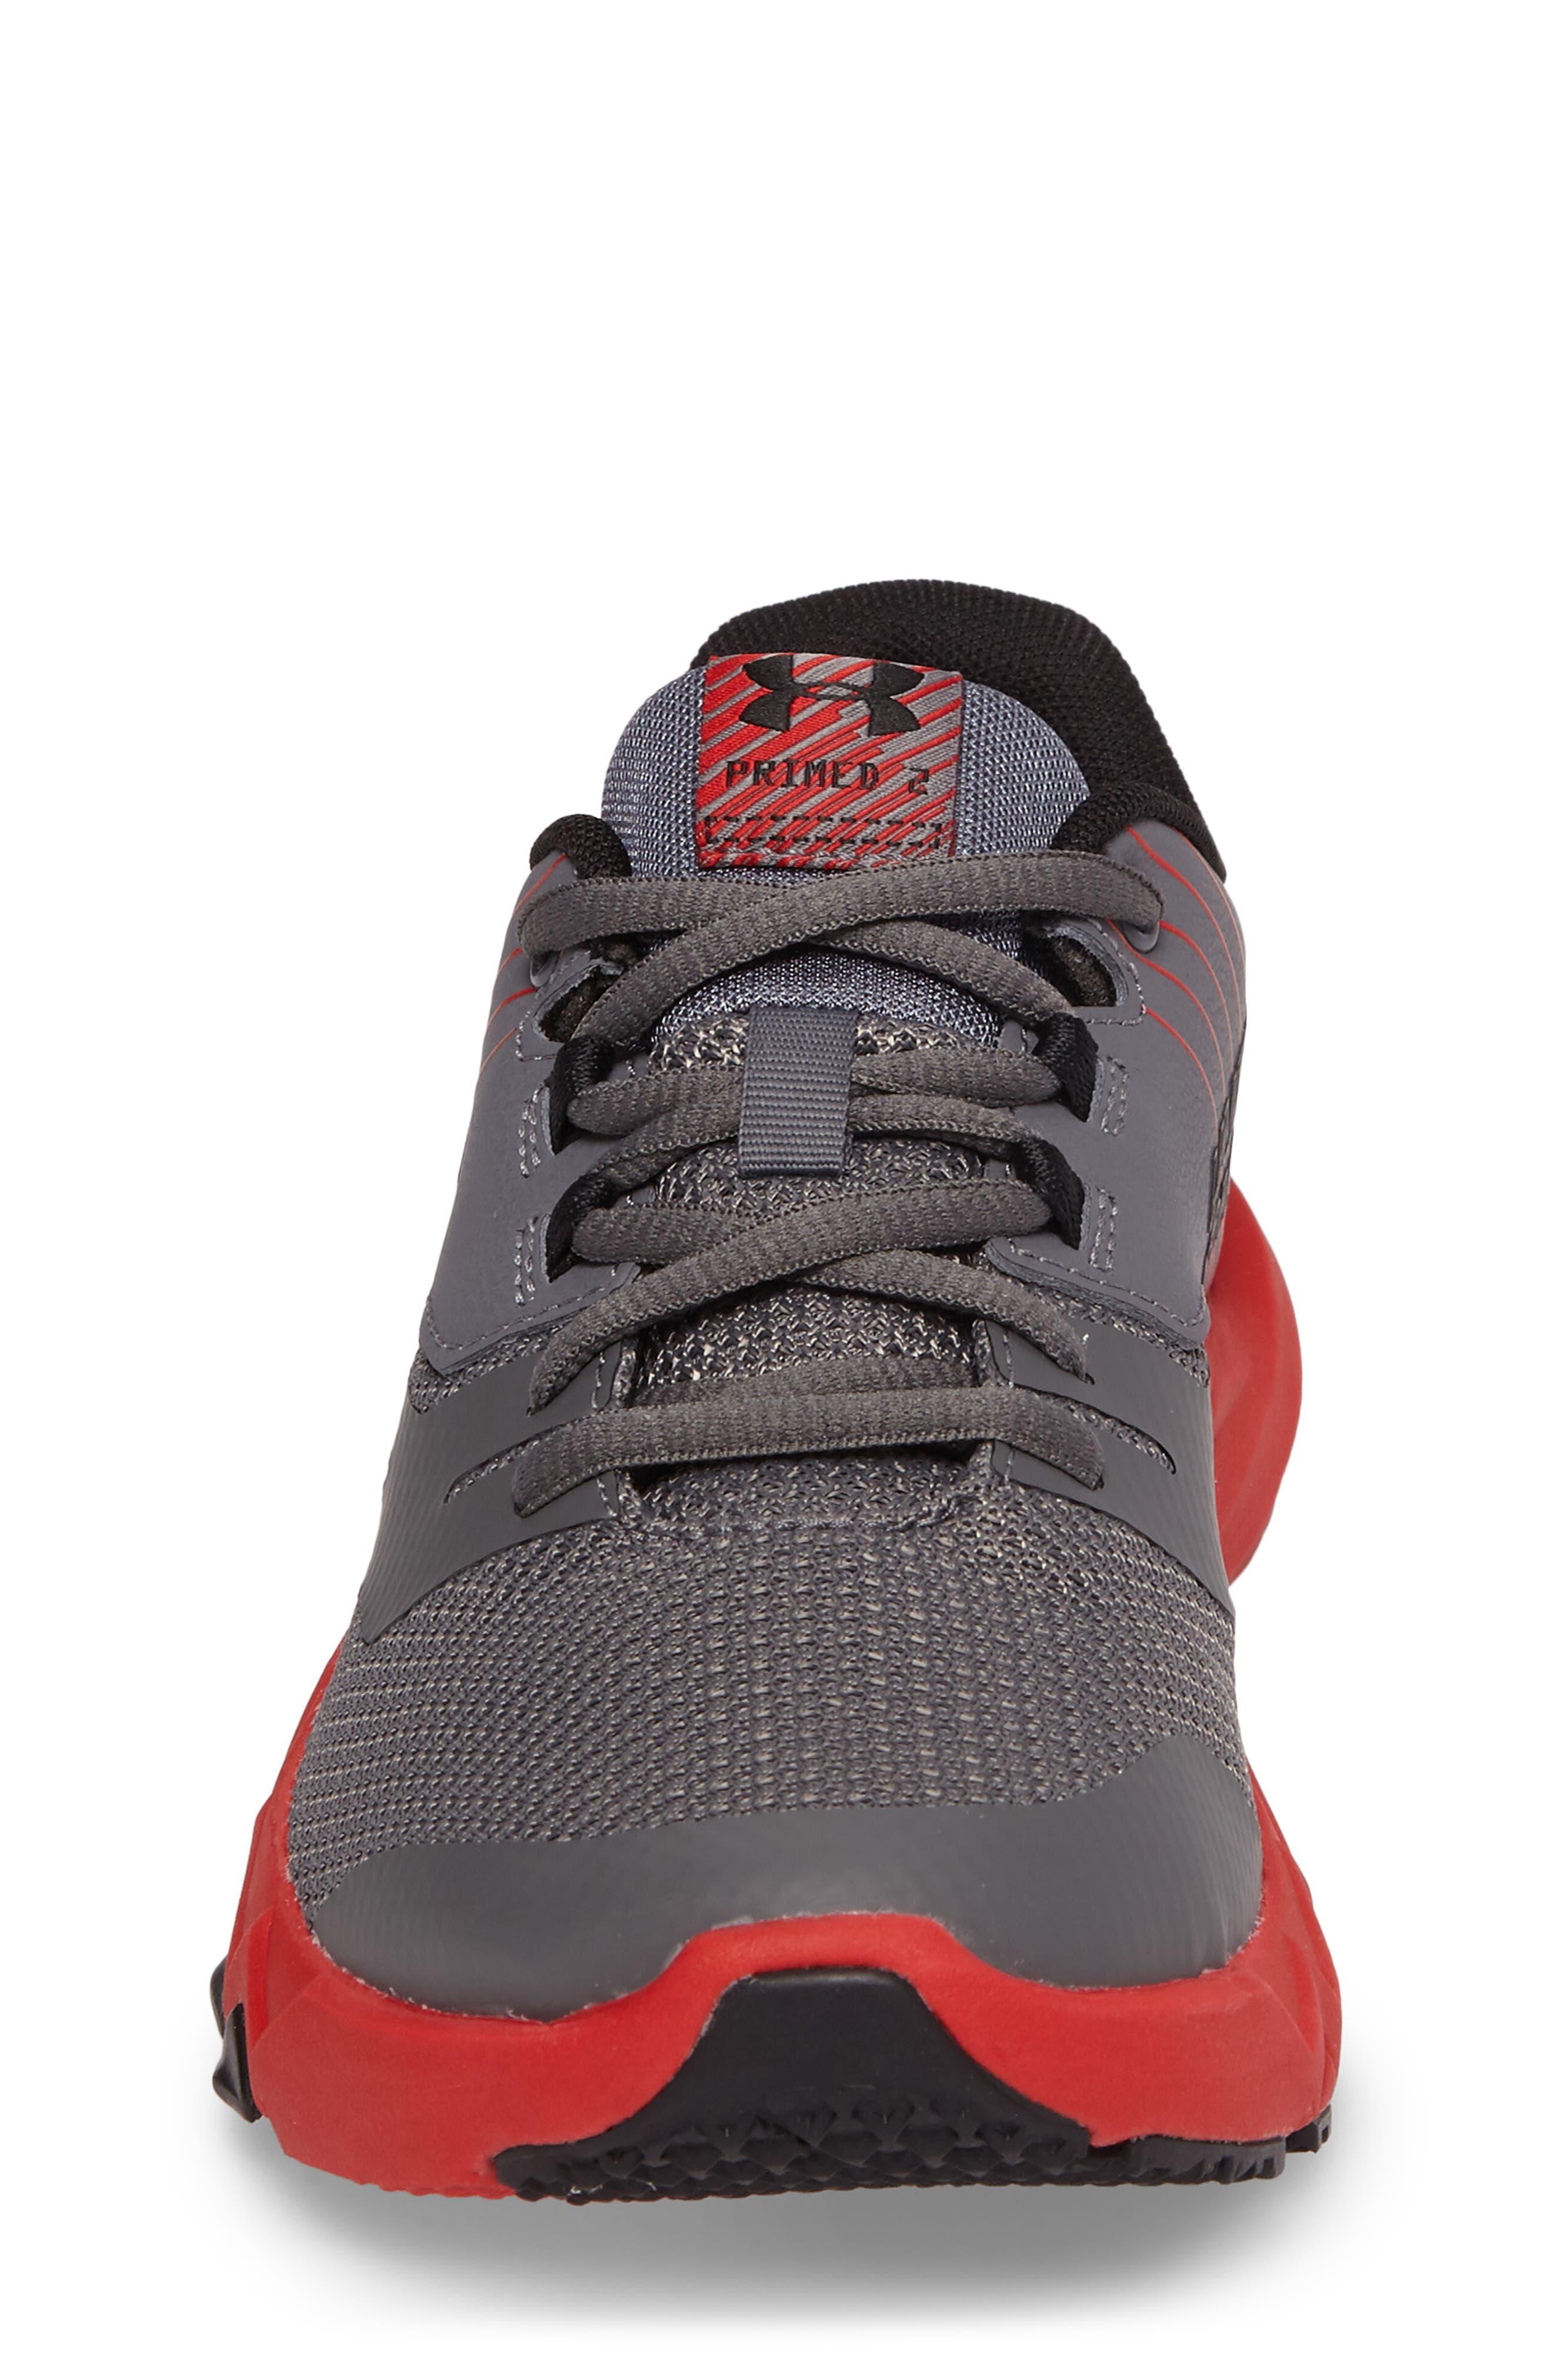 Grade School Primed 2 Running Shoe,                             Alternate thumbnail 4, color,                             Graphite/ Red/ Black